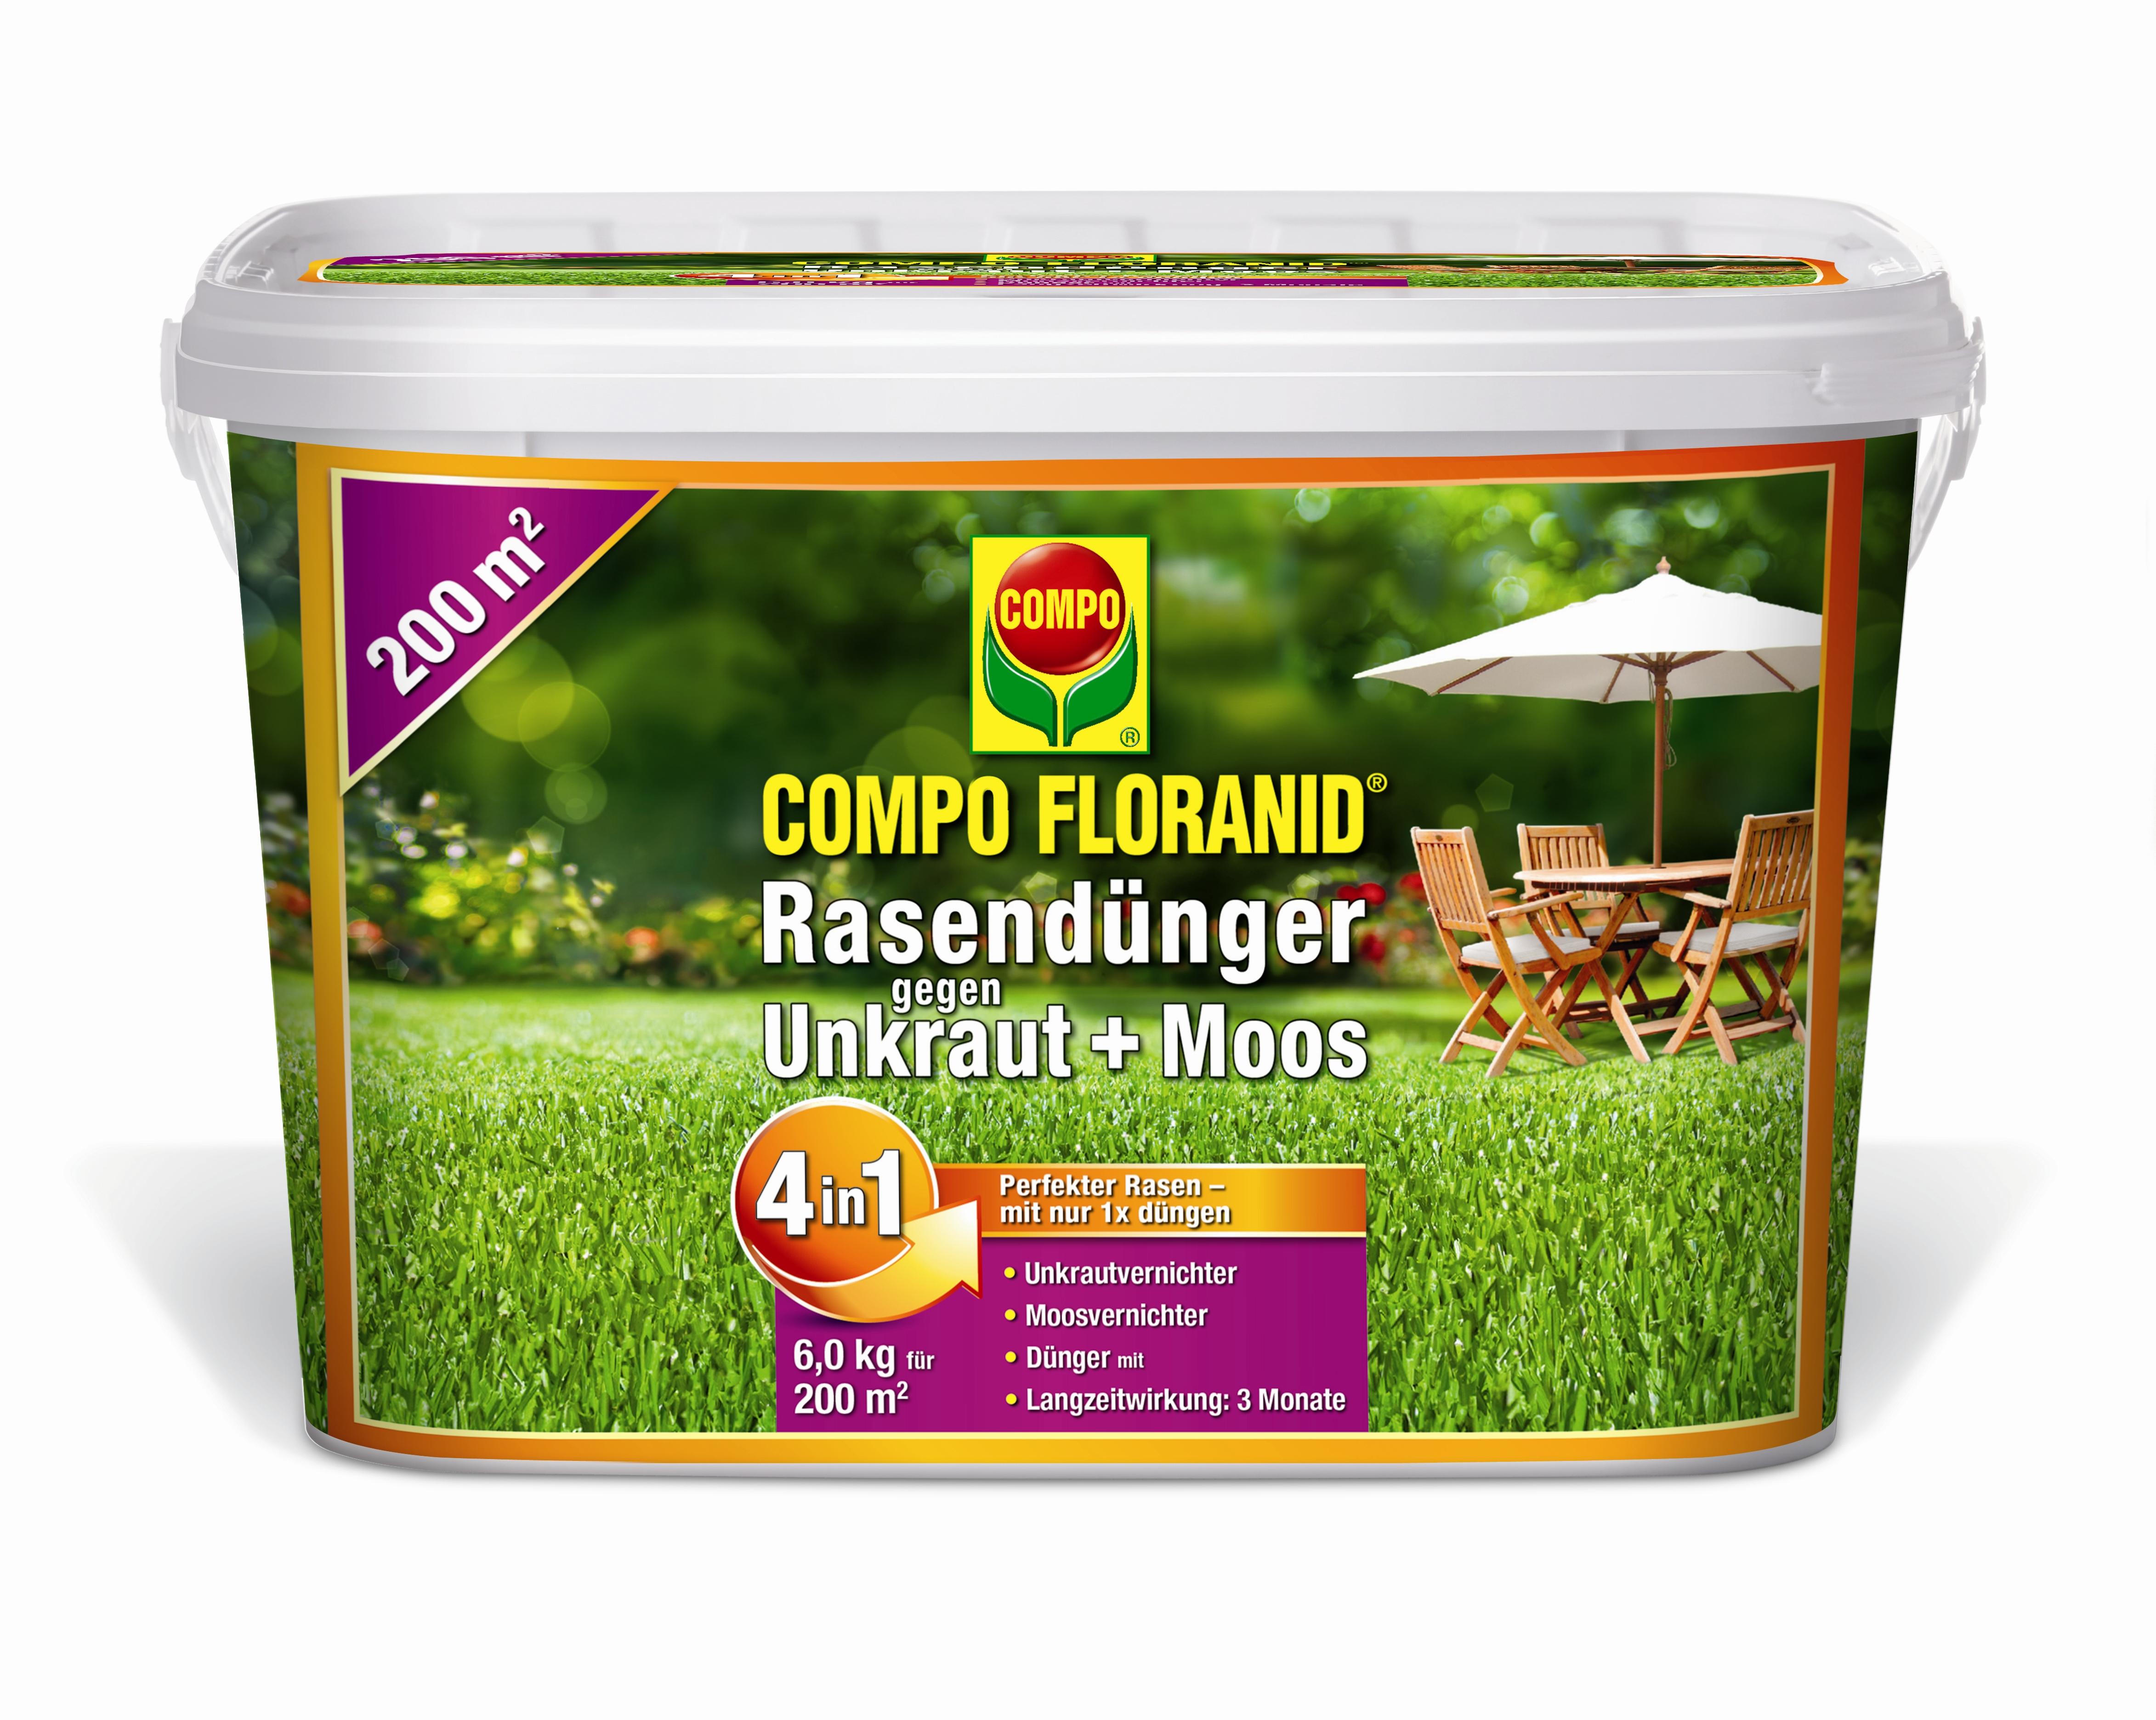 Compo Floranid Rasendunger Gegen Moos Und Unkraut 4 In 1 Dunger Shop